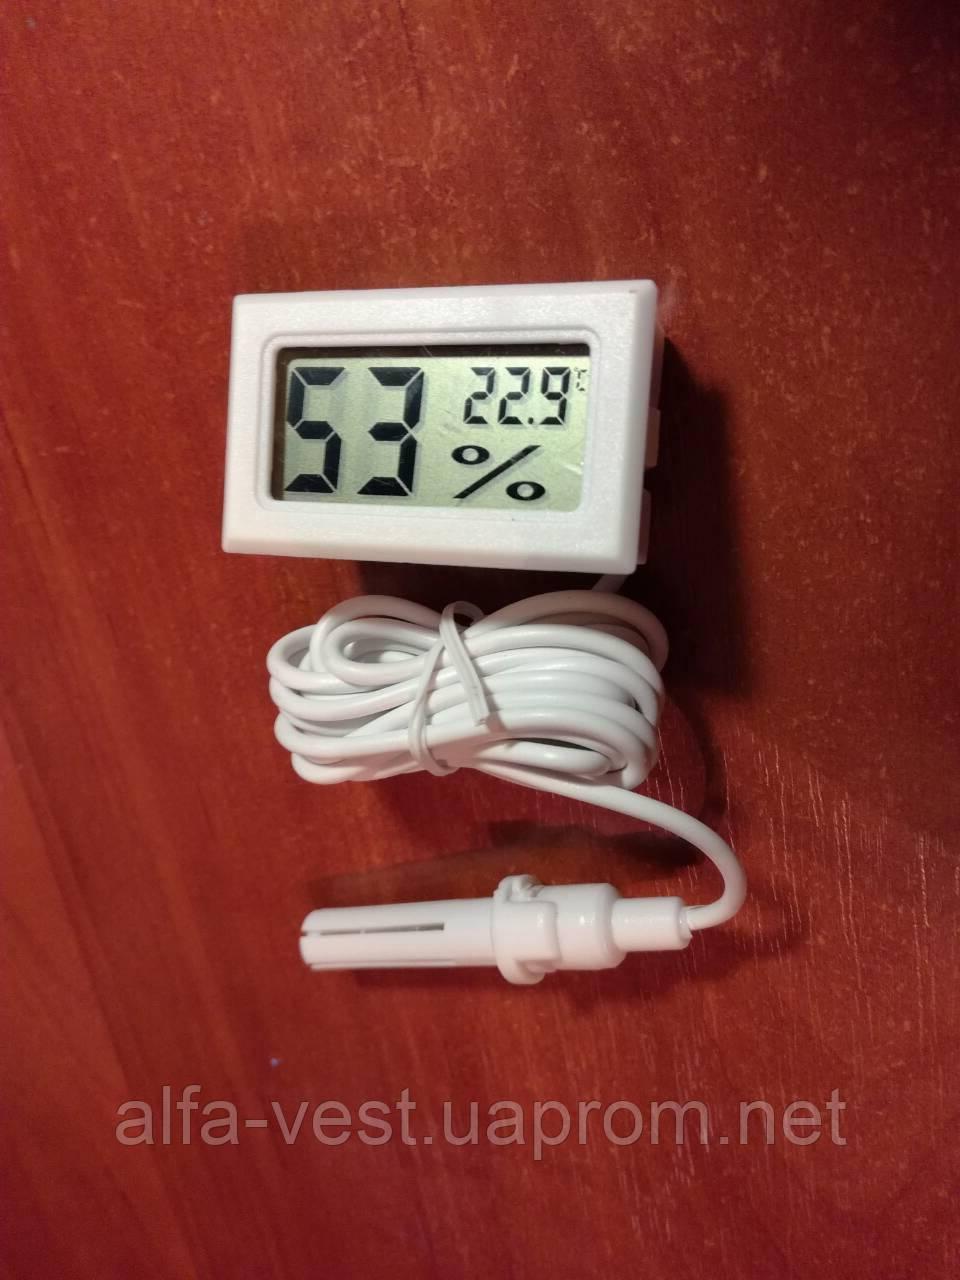 Термометр, термометр-гигрометр для инкубаторов, теплиц, террариумов - WSD (ВСД) Барометр